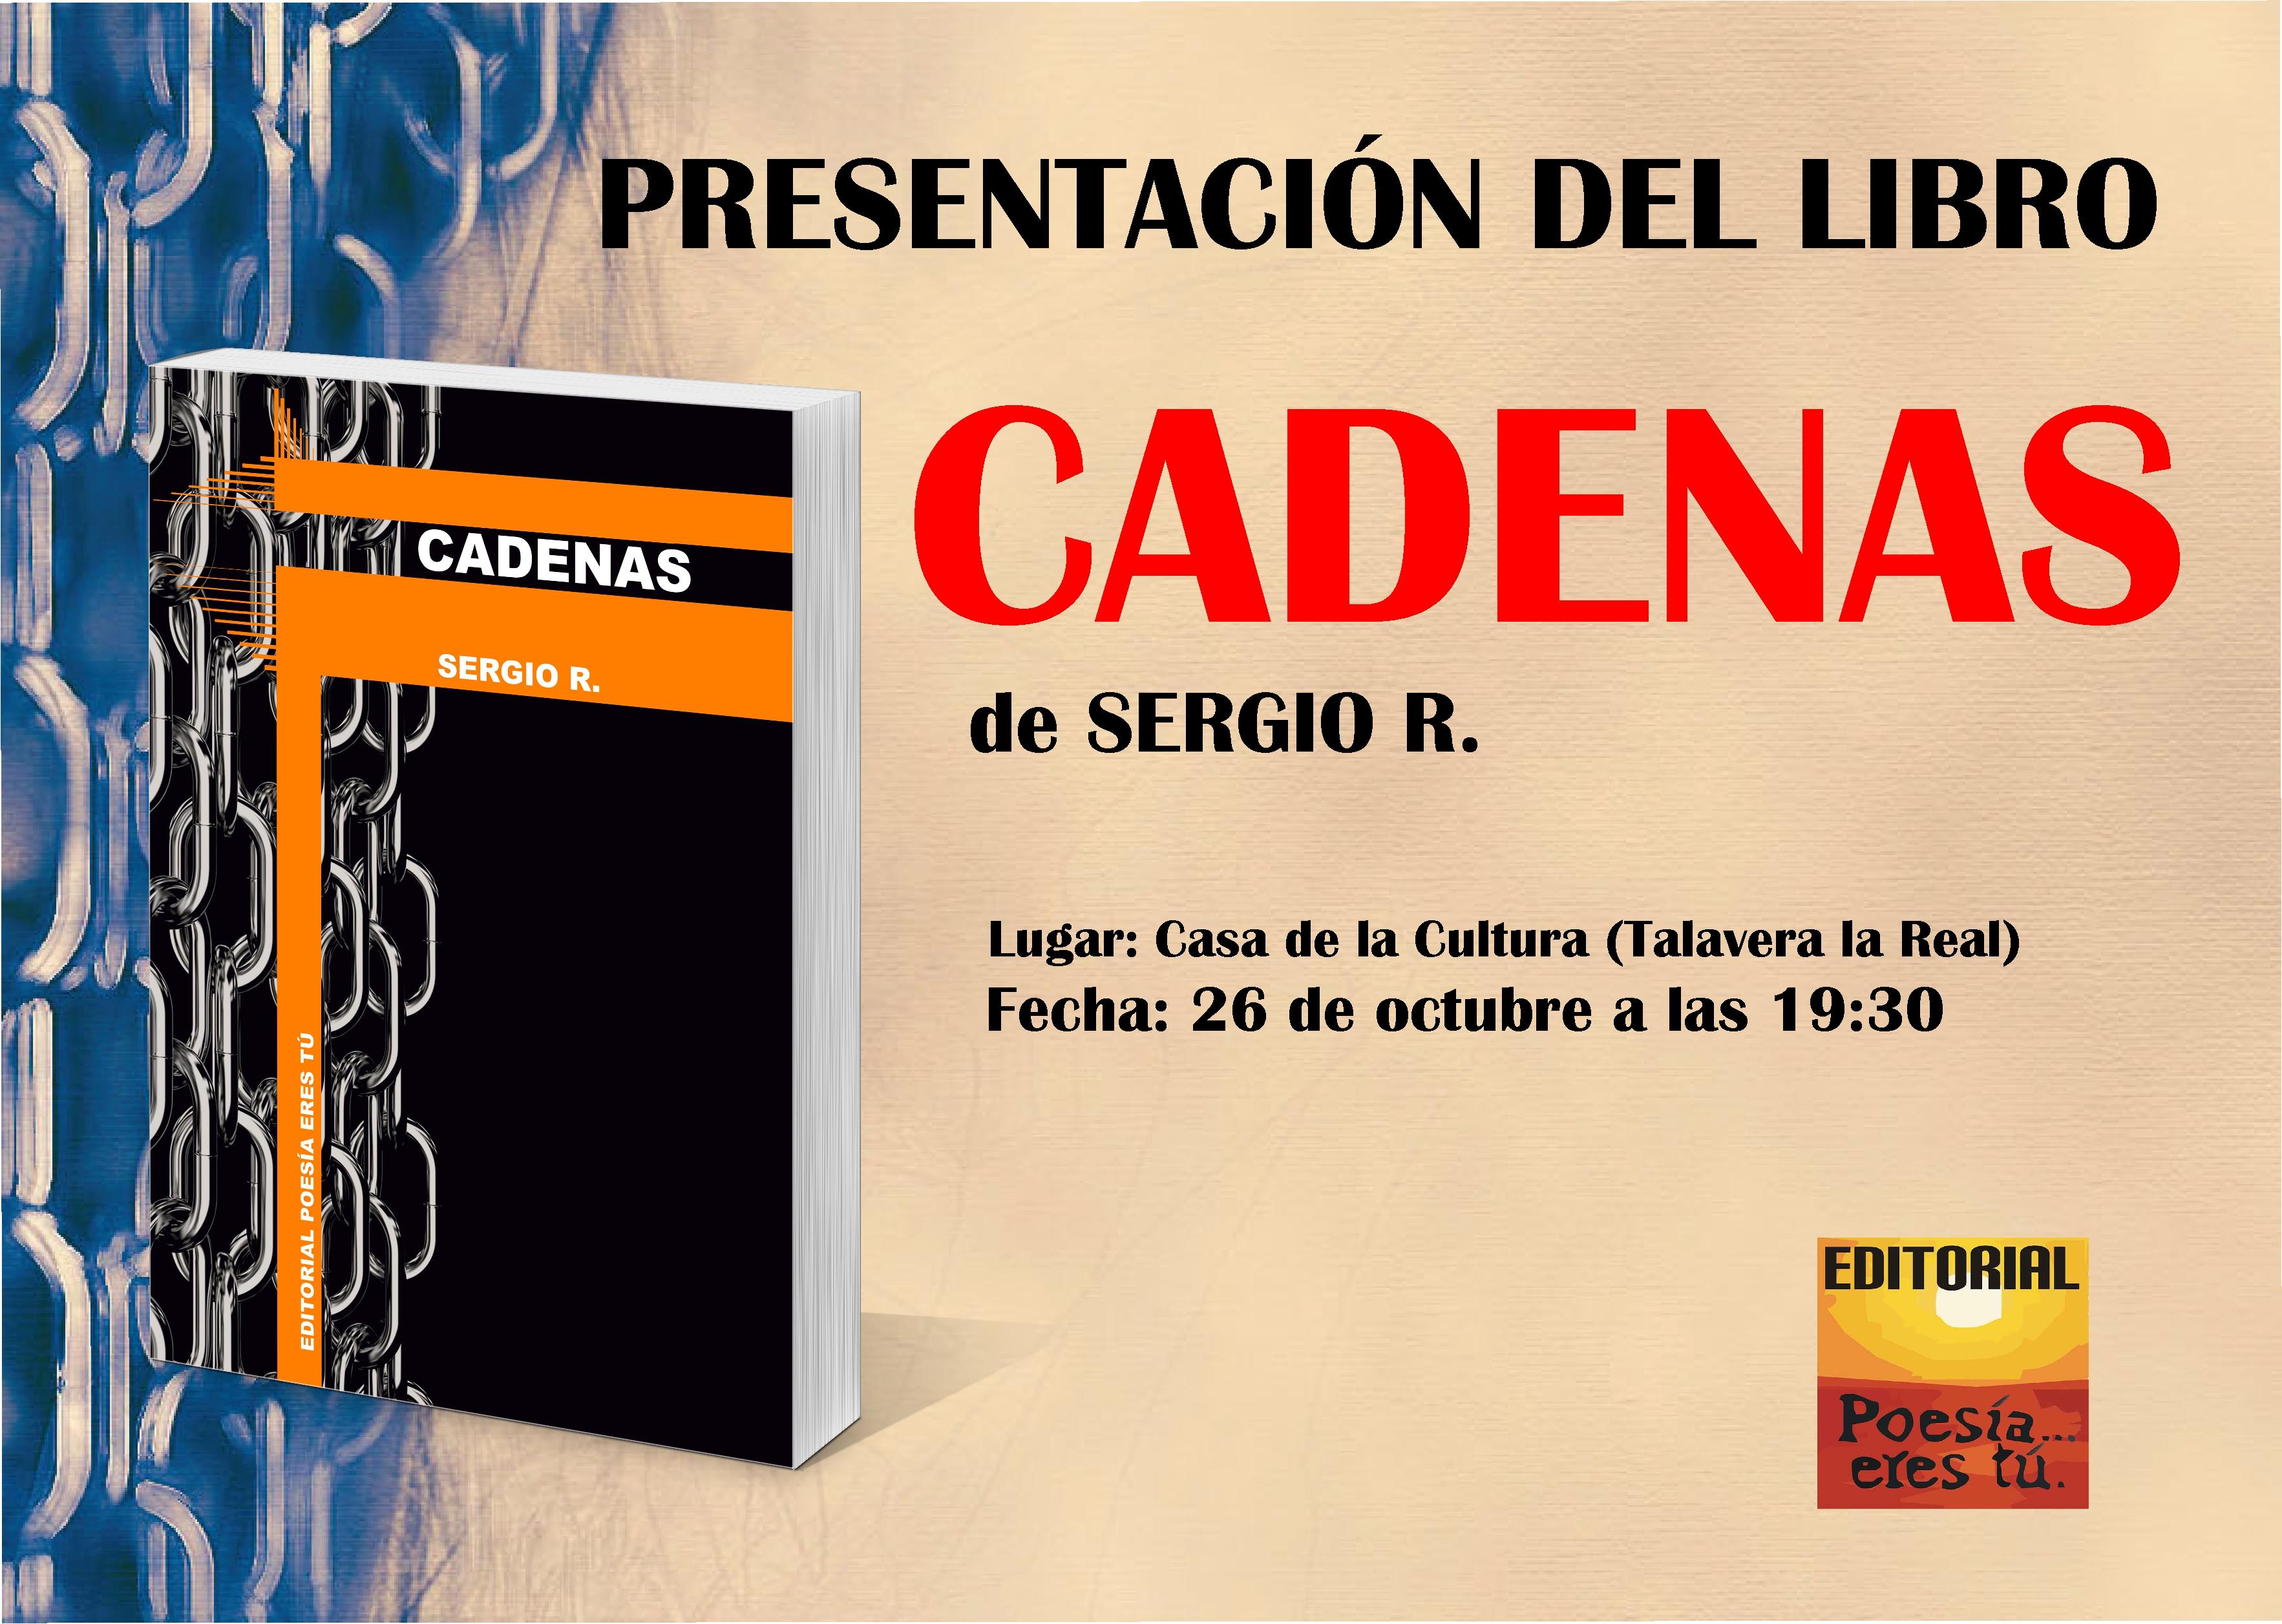 - CartelPresentacion - Presentación del libro CADENAS en Talavera la Real